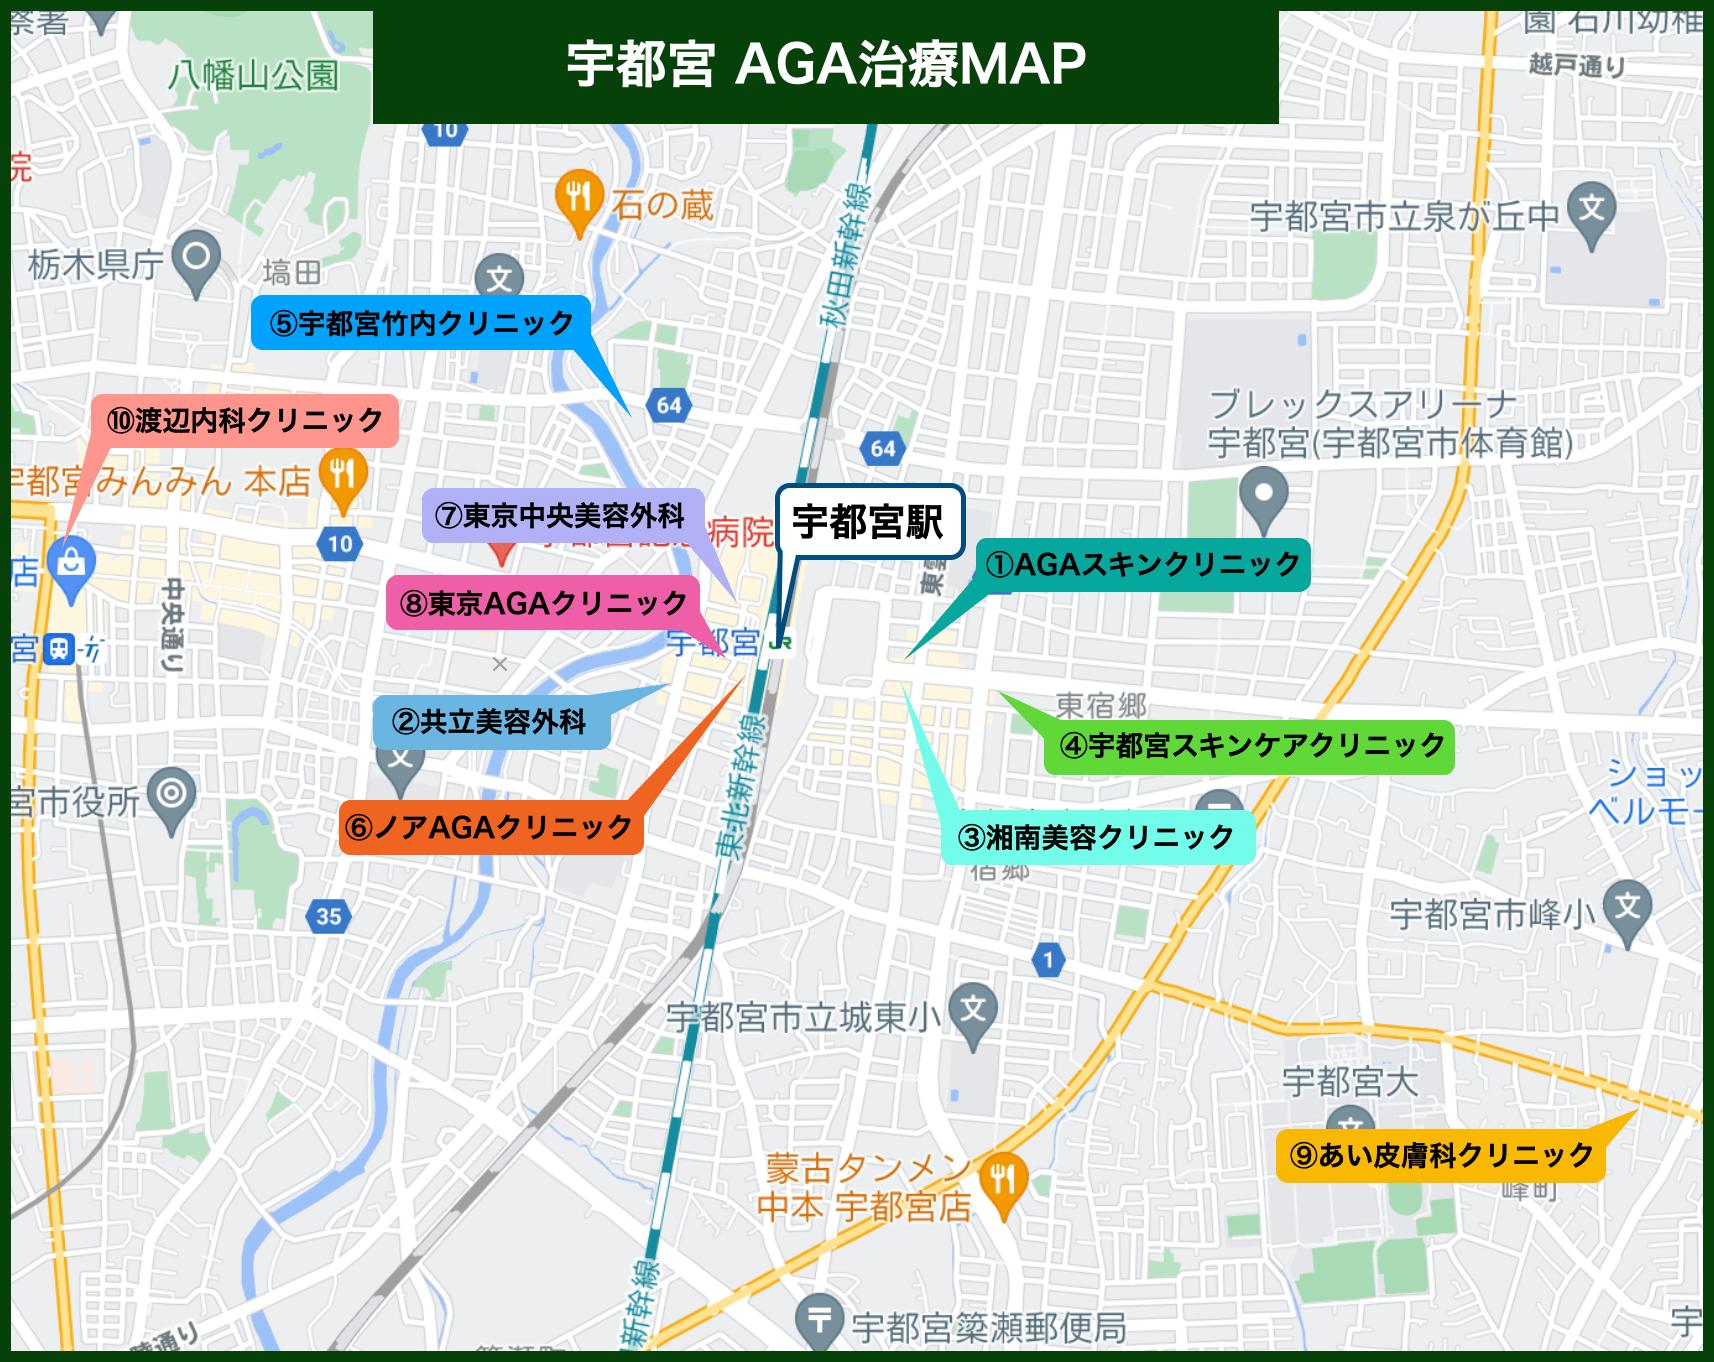 宇都宮 AGA治療MAP